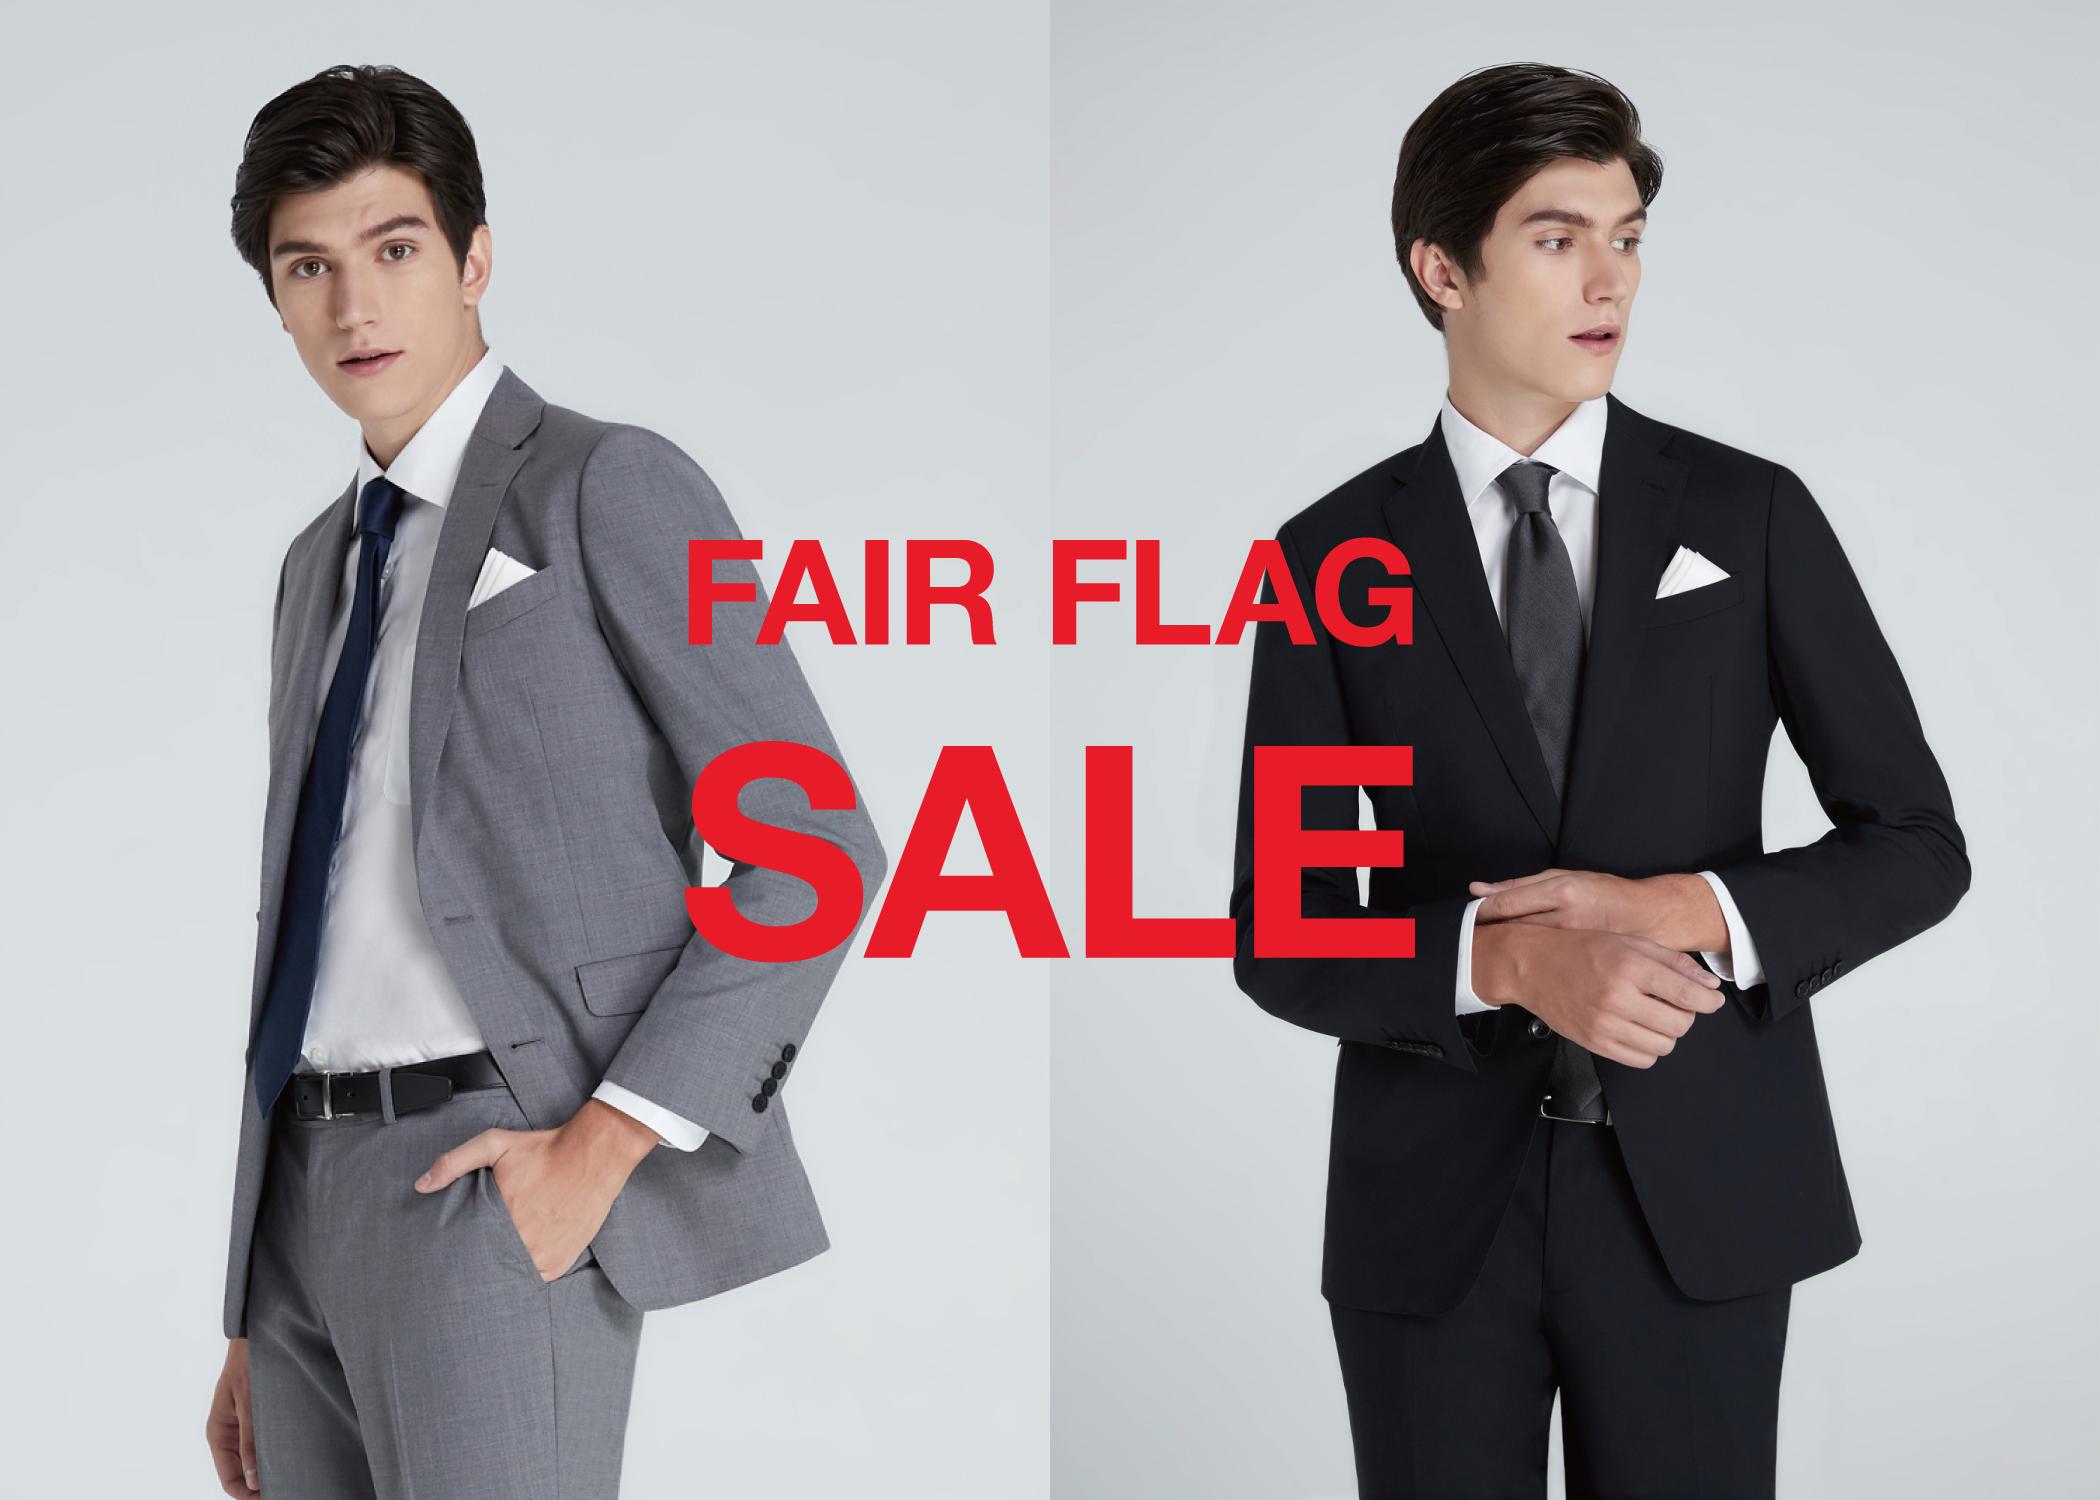 FAIR FLAG SALE! Buy Jacket, Free Pants! Today-15 Jan 2021